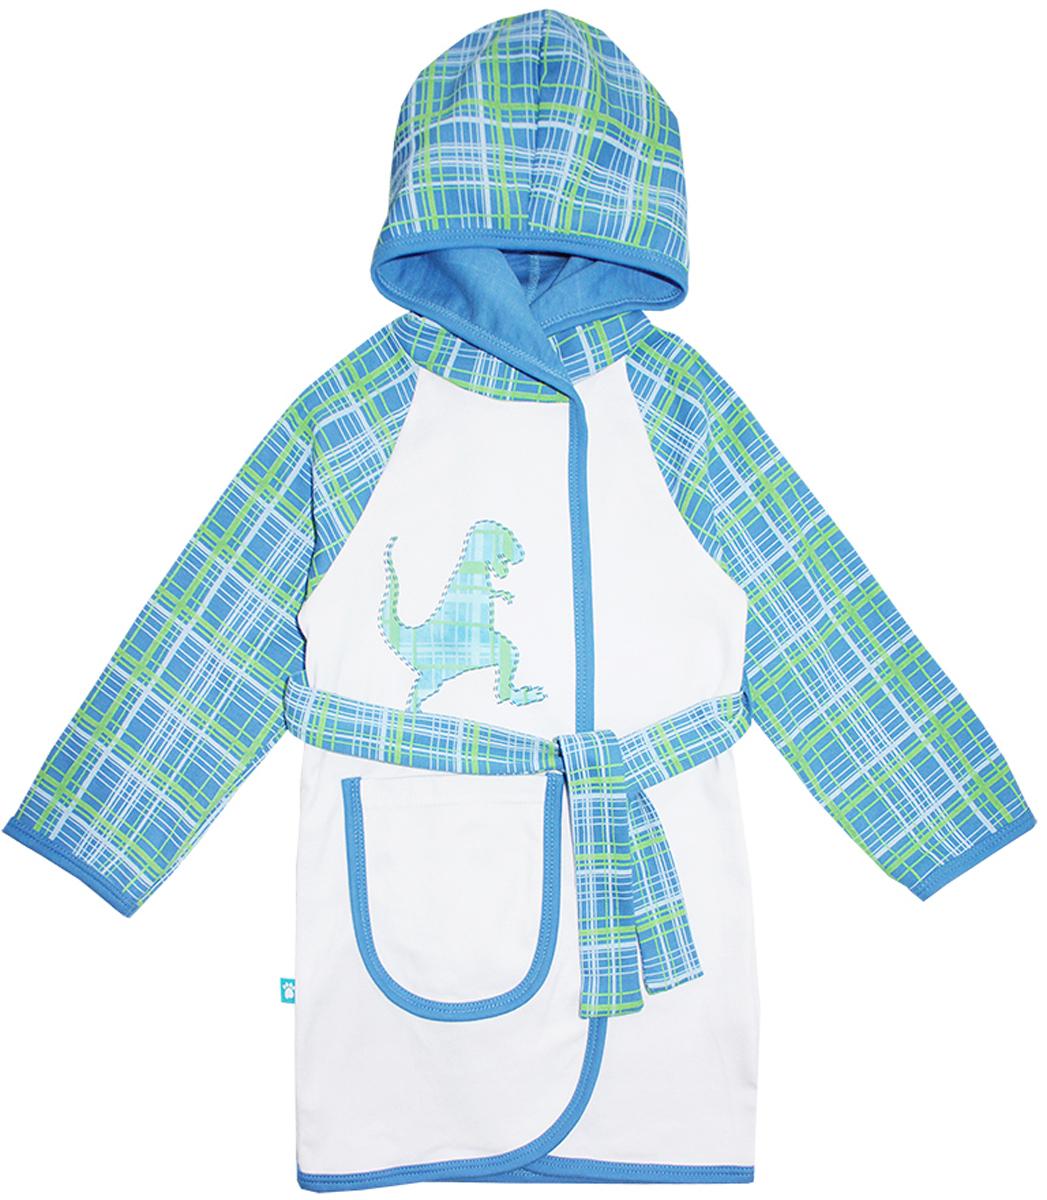 Халат для мальчика КотМарКот Дино, цвет: белый, синий, зеленый. 12251. Размер 134, 9 лет12251Халат для мальчика на запах КотМарКот выполнен из натурального хлопка.Модель средней длины с длинными рукавами-реглан и несъемным капюшоном имеет узкий текстильный пояс, дополнена шлевками. Спереди располагается накладной карман. Модель декорирована принтом в клетку по капюшону и рукавам, а также украшена небольшим принтом с изображением динозавра на груди.